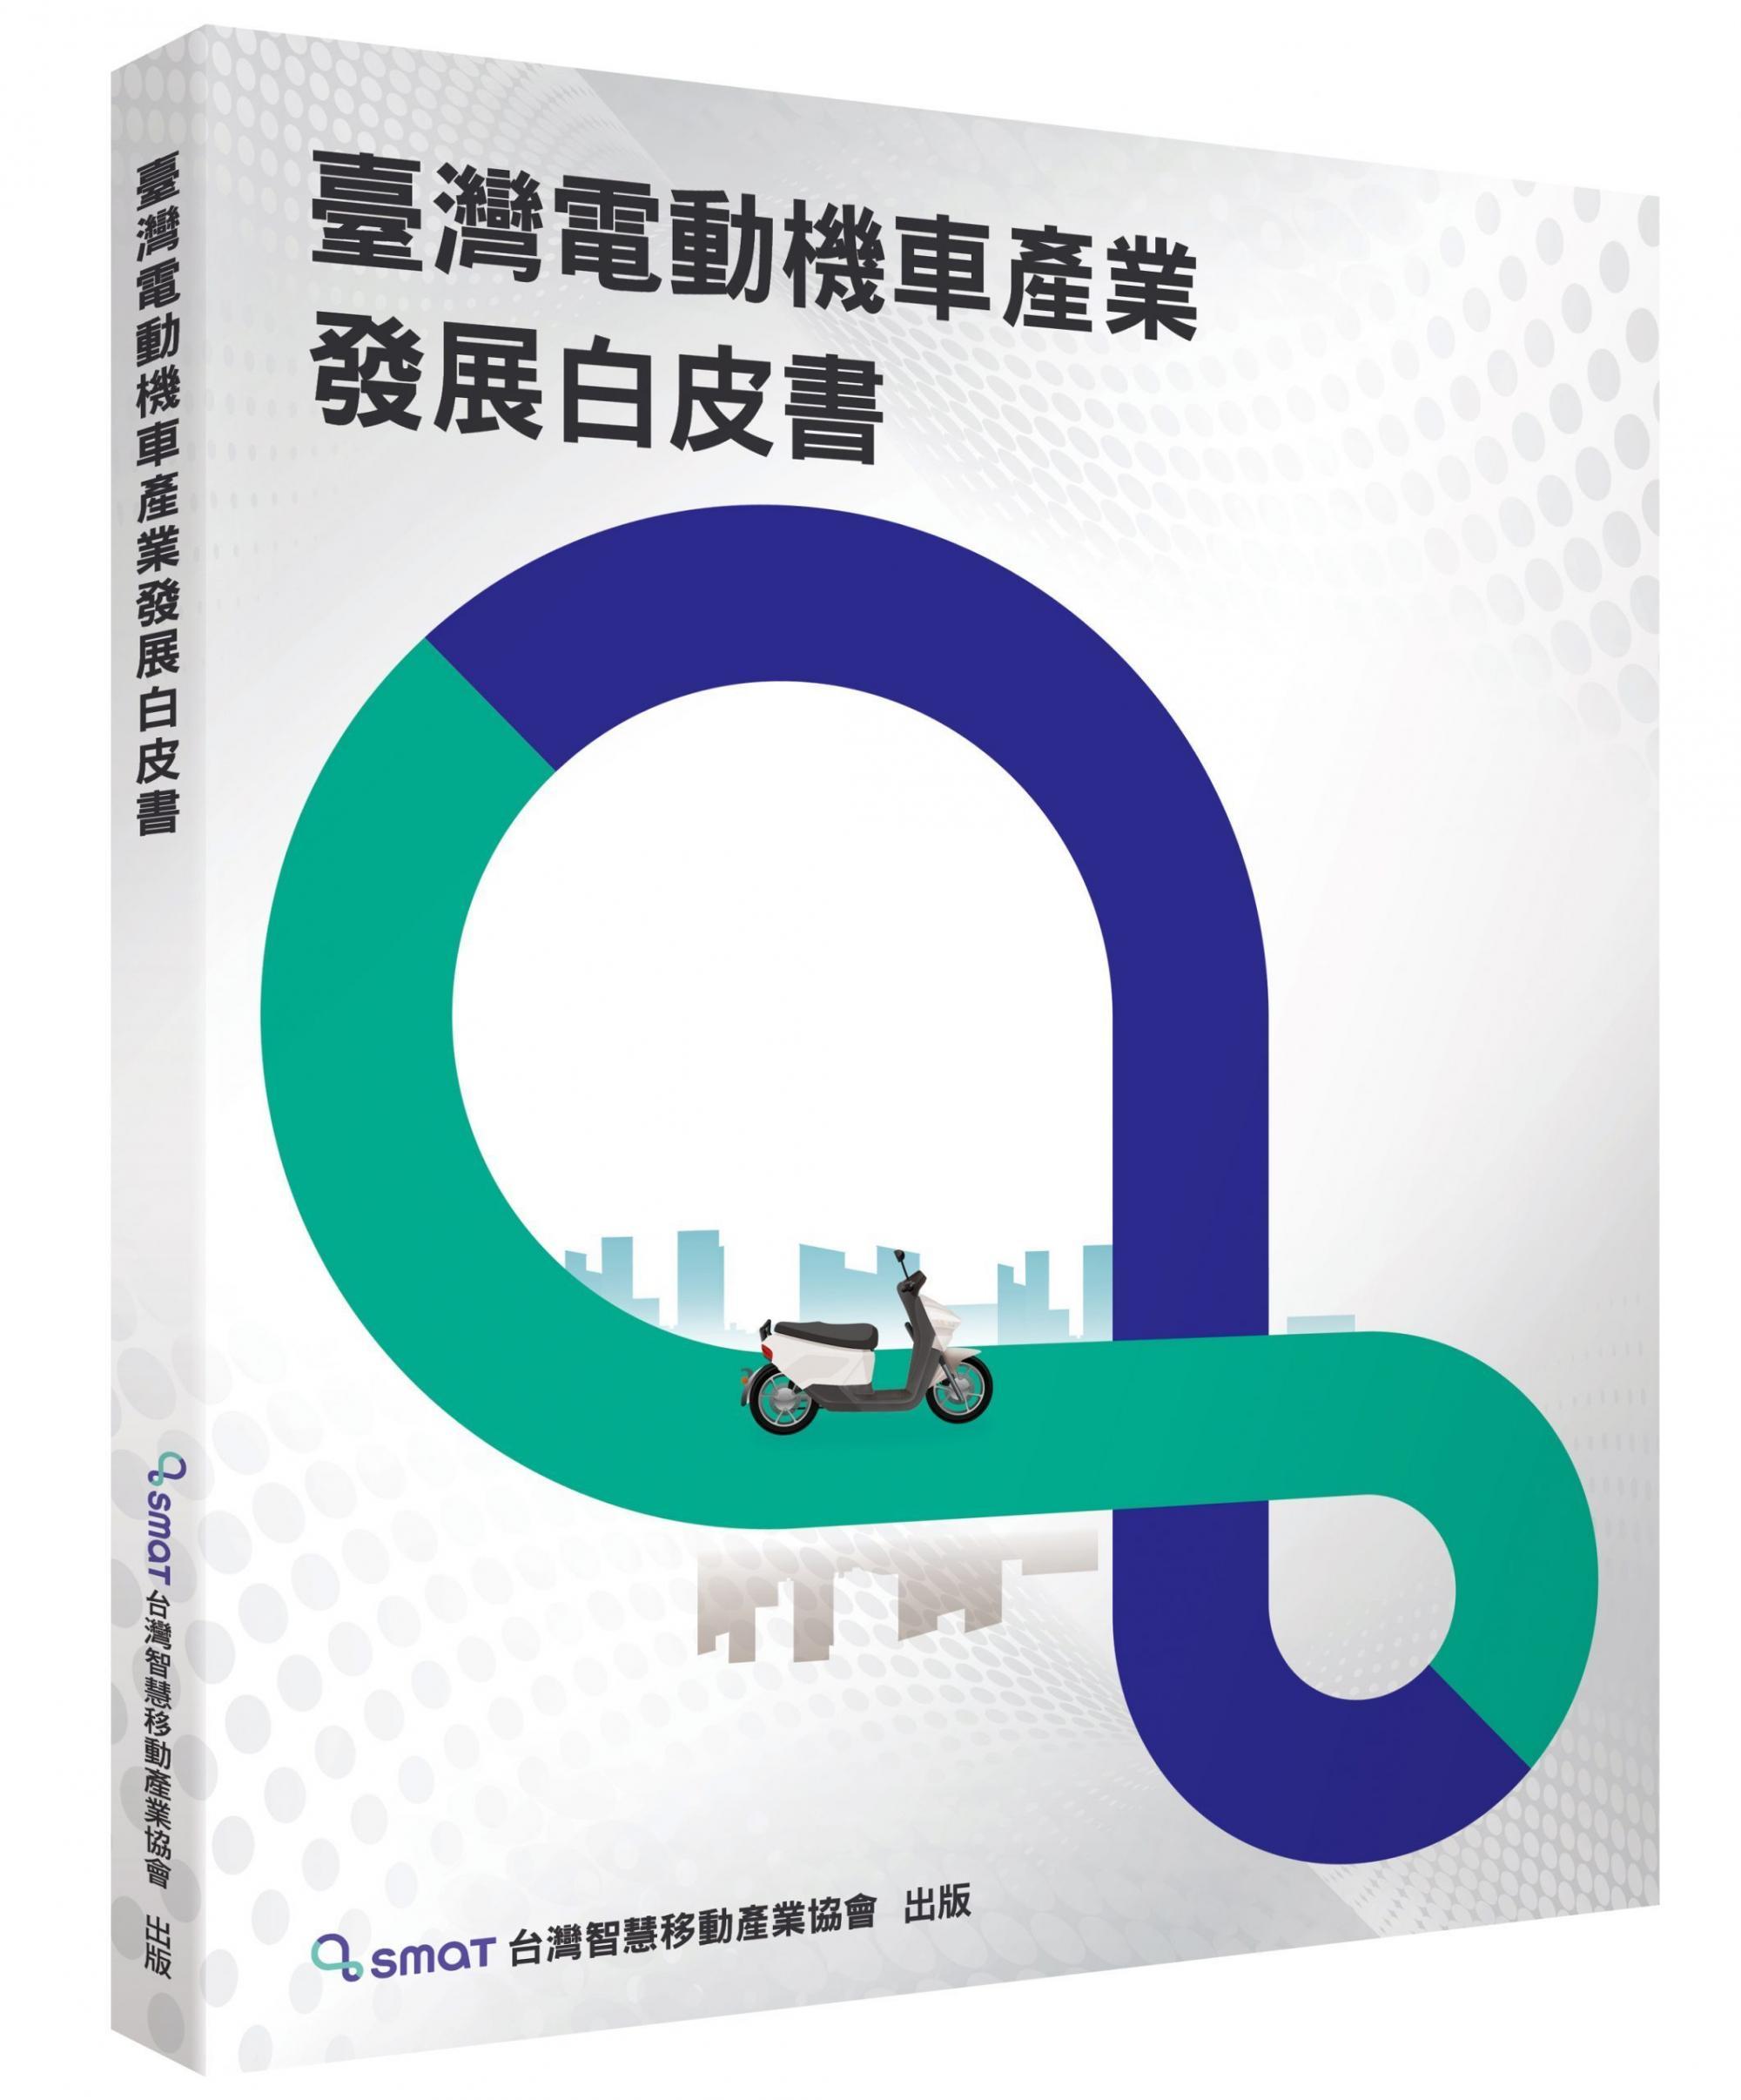 【圖二】臺灣電動機車產業發展白皮書,本書提出產業未來趨勢,以及整體機車產業發展.jpg